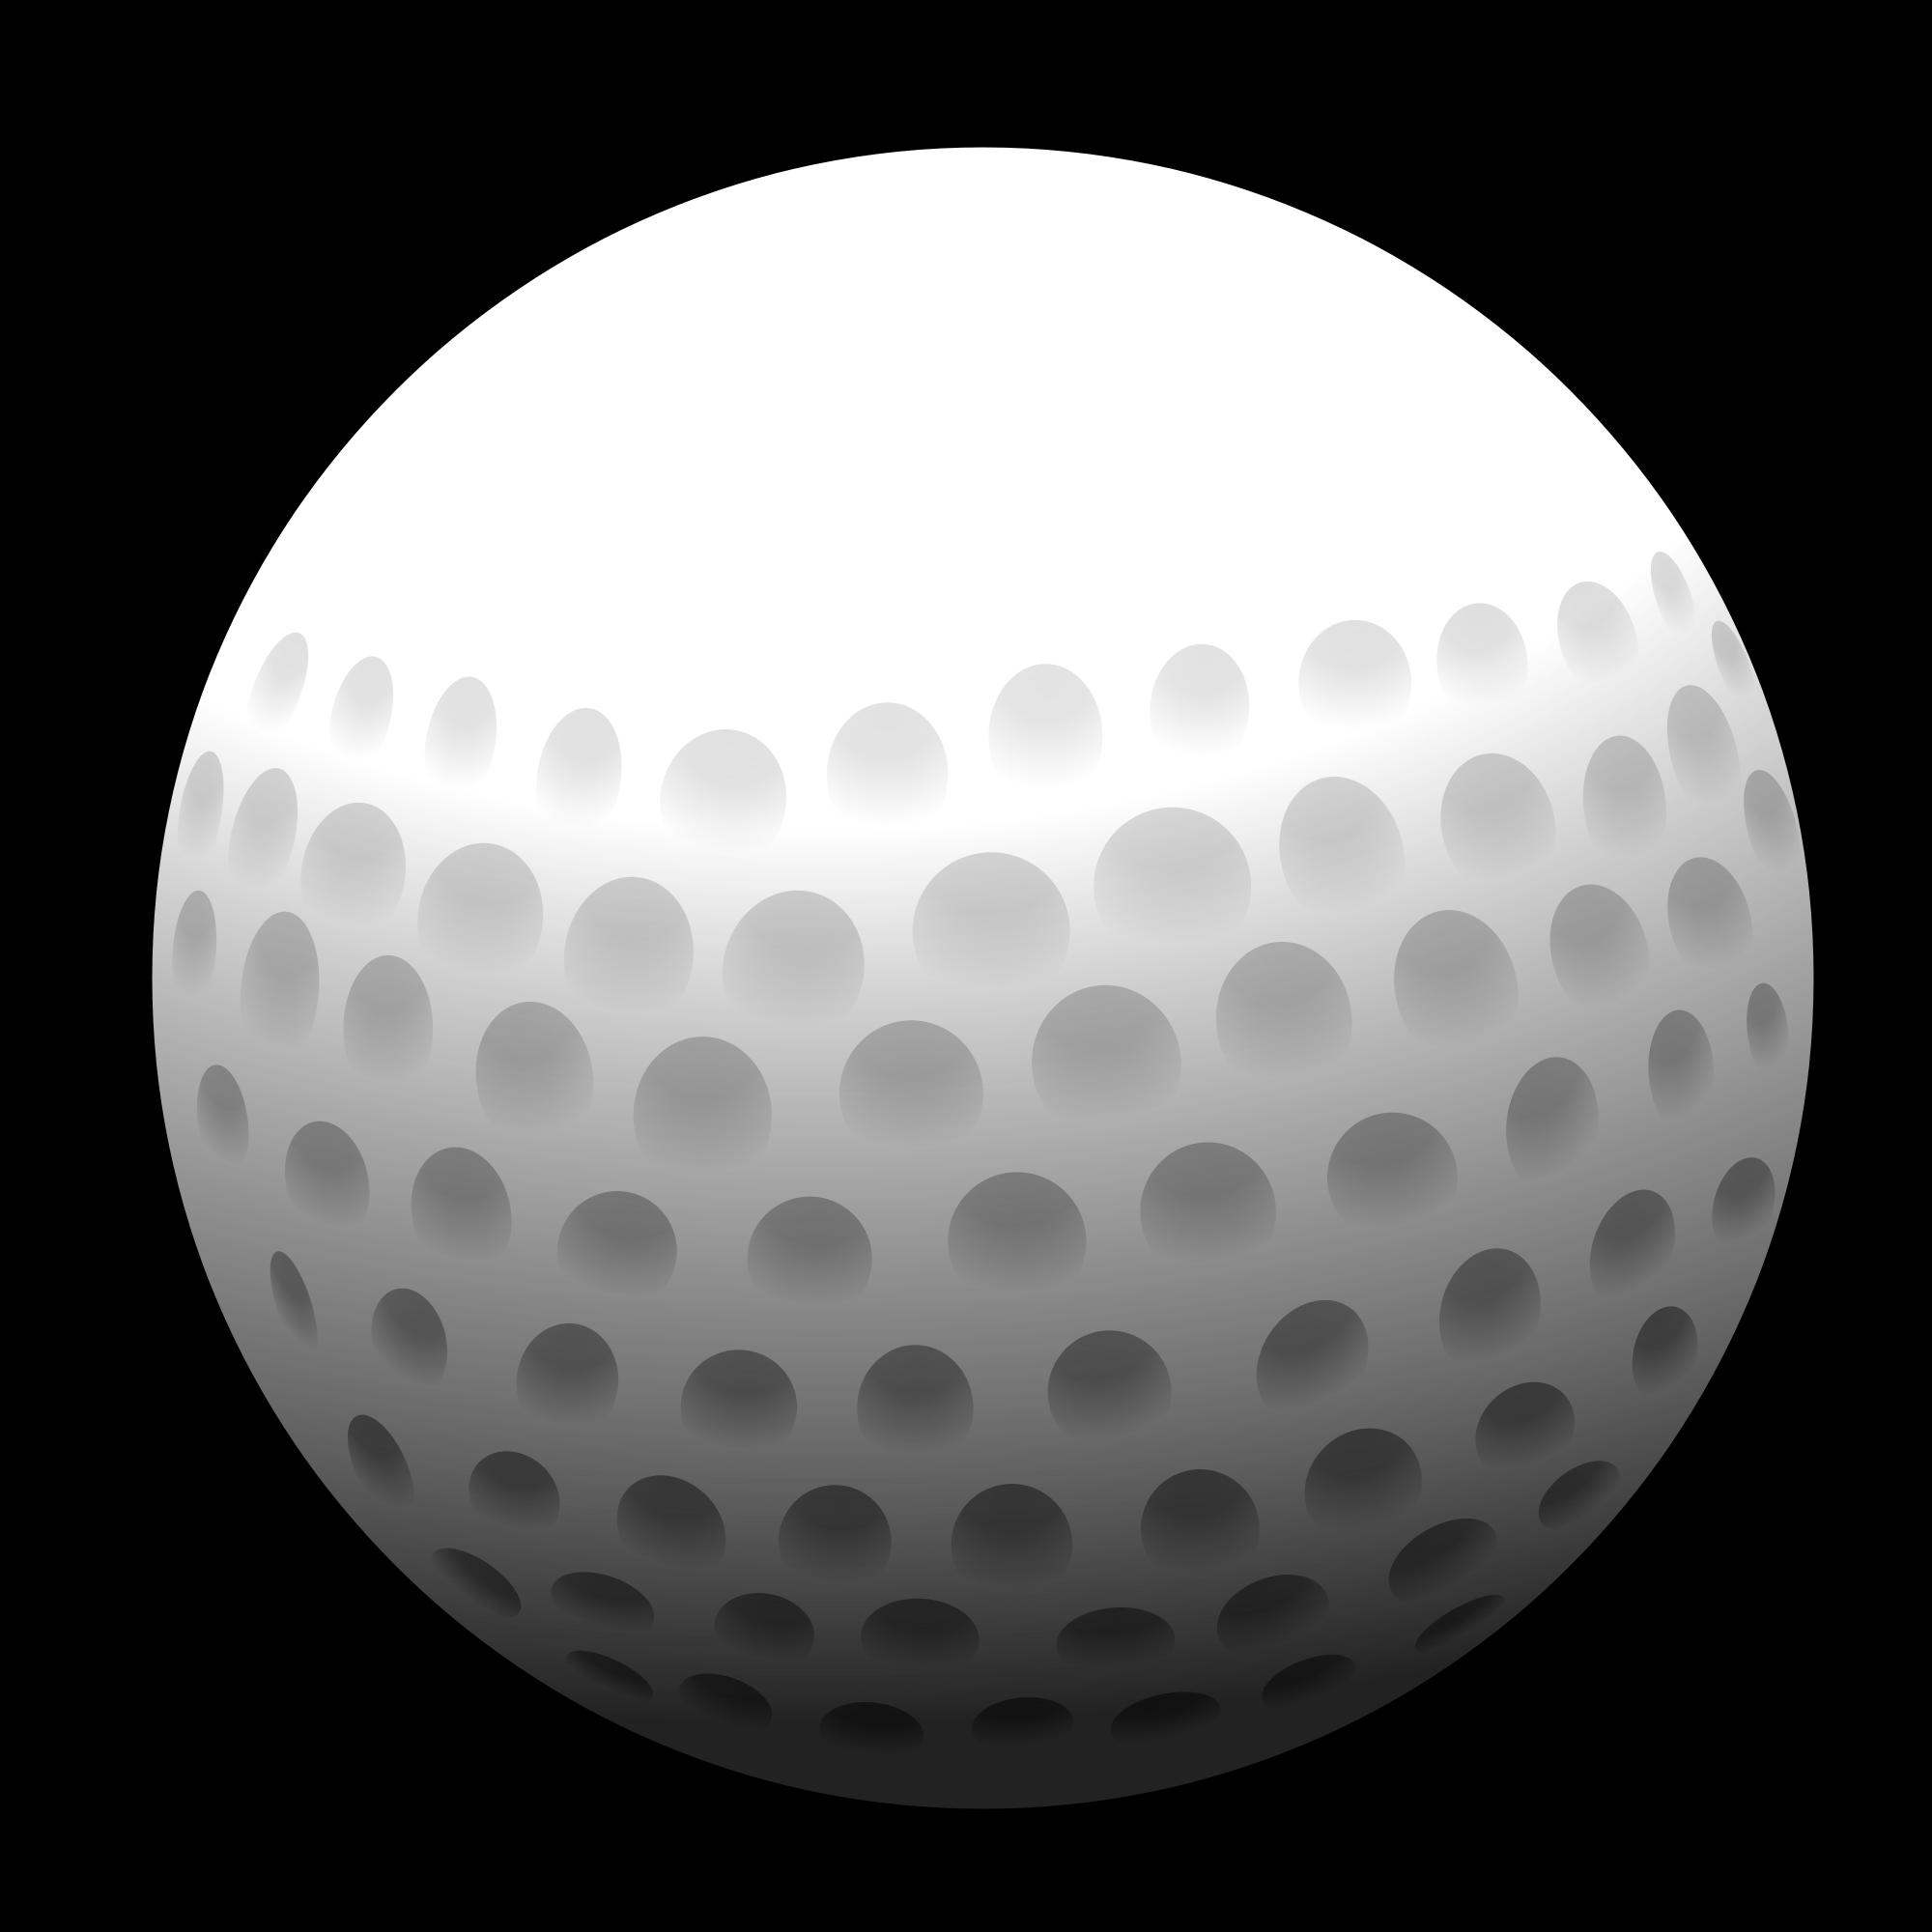 PNG Golf Ball - 51722